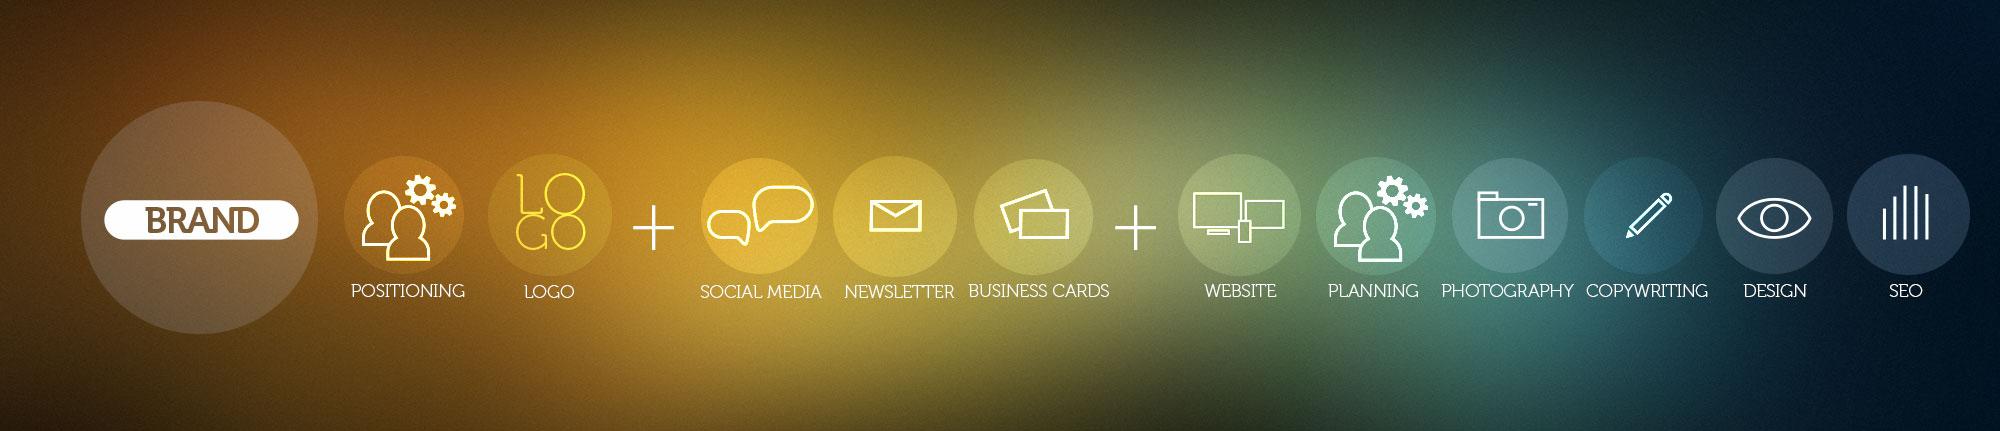 Brand-packages-3.jpg